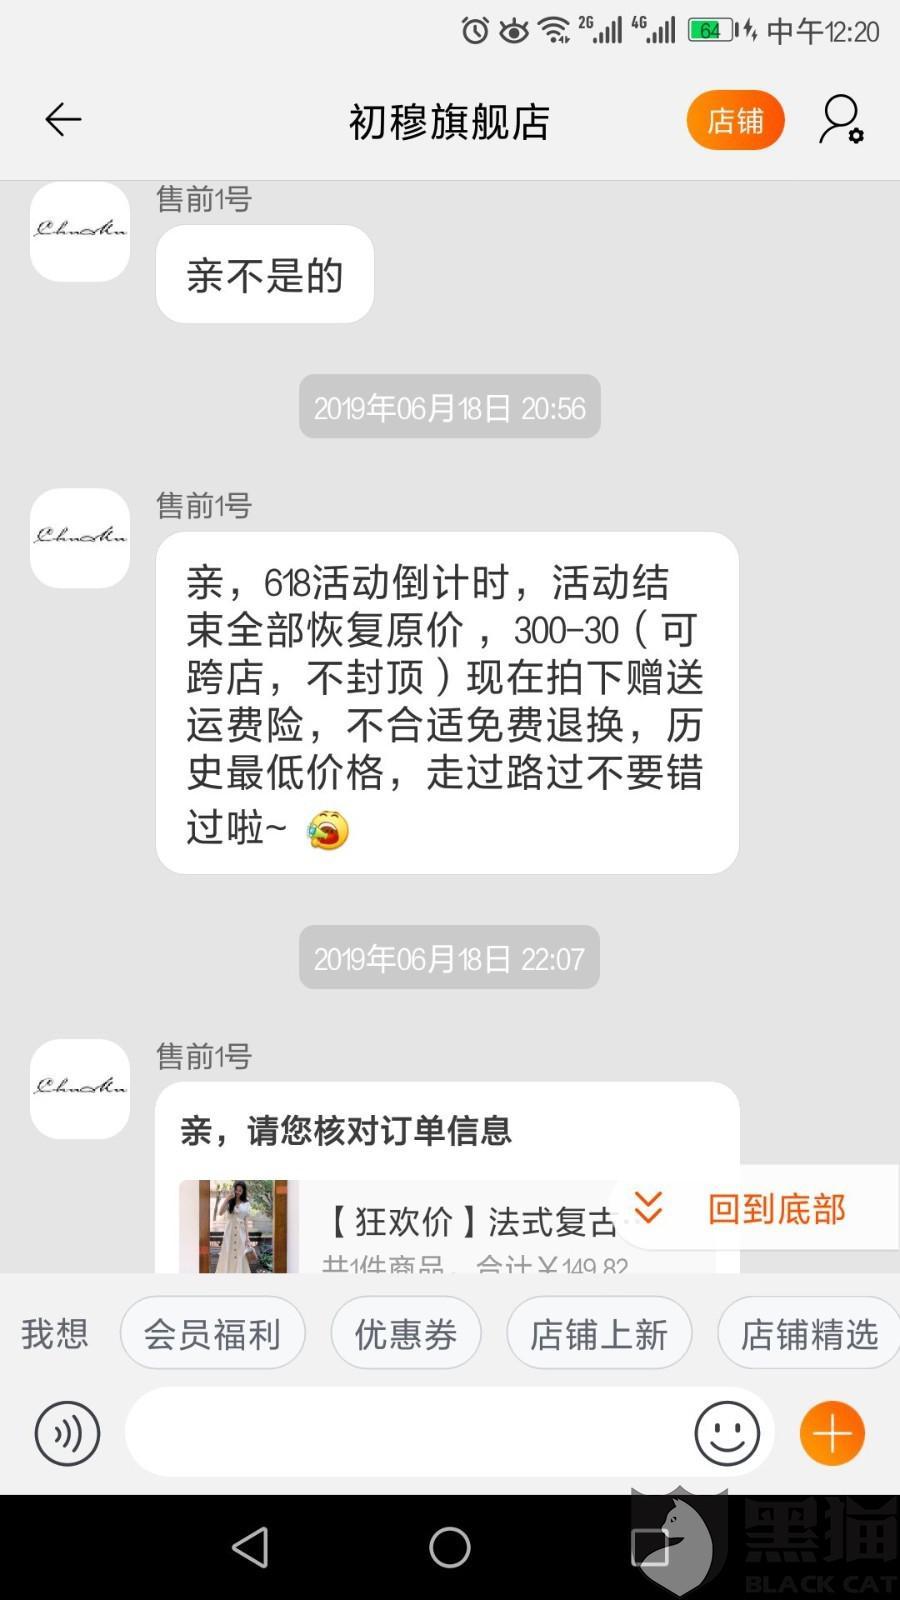 黑猫投诉:初穆旗舰店欺骗消费者,口径不一。tianmao不能很好的支持消费者维权